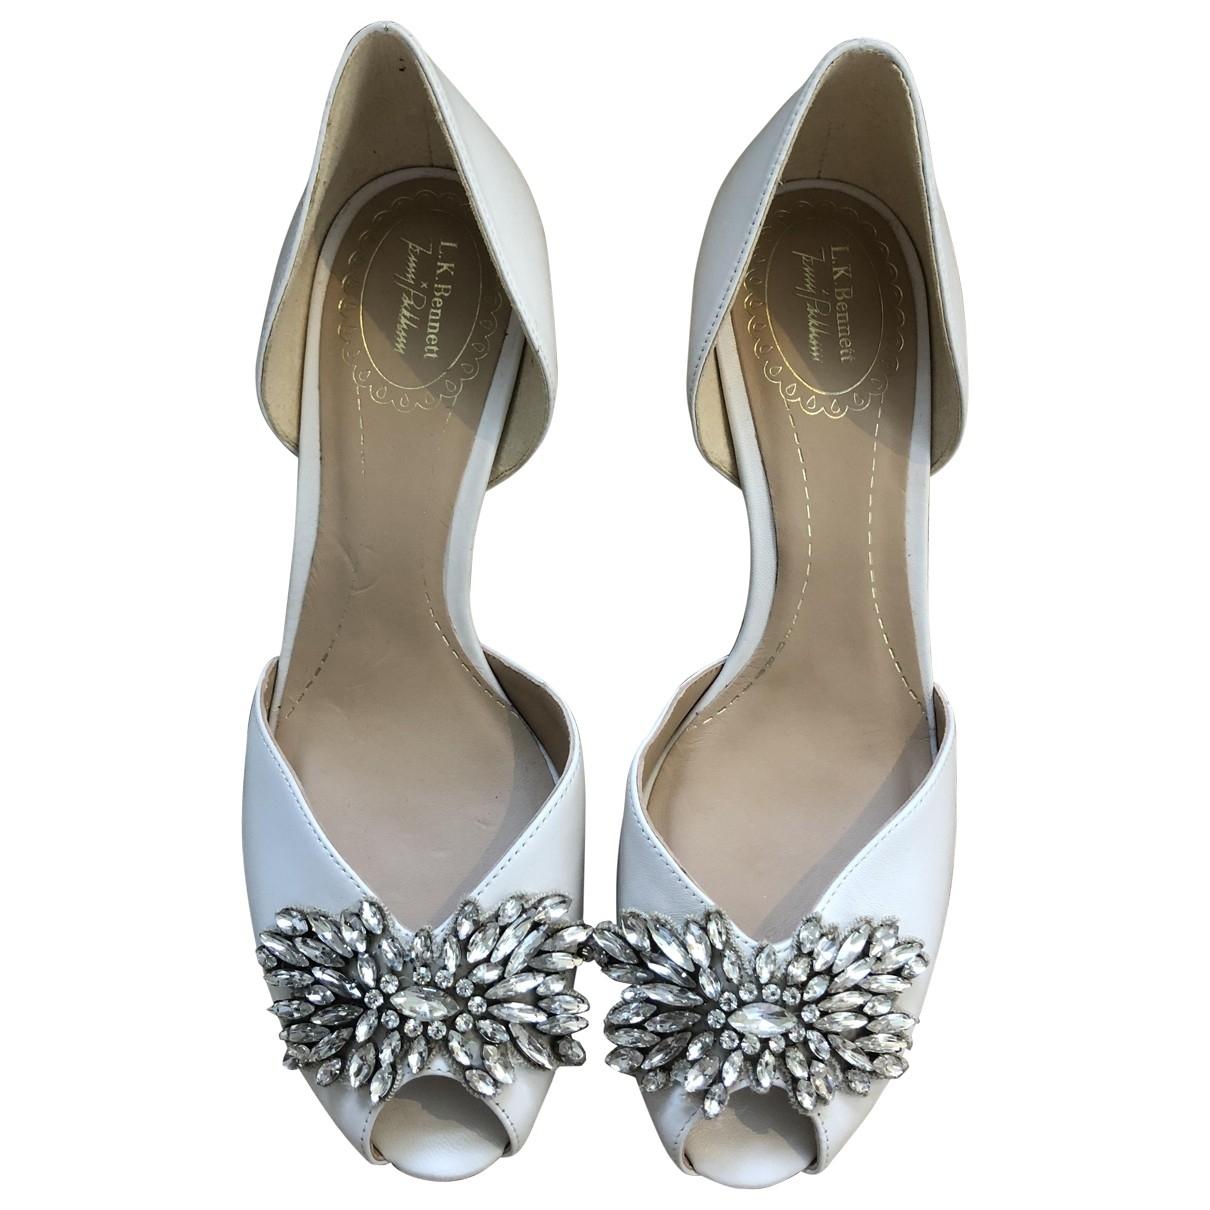 Lk Bennett \N White Leather Heels for Women 39 EU